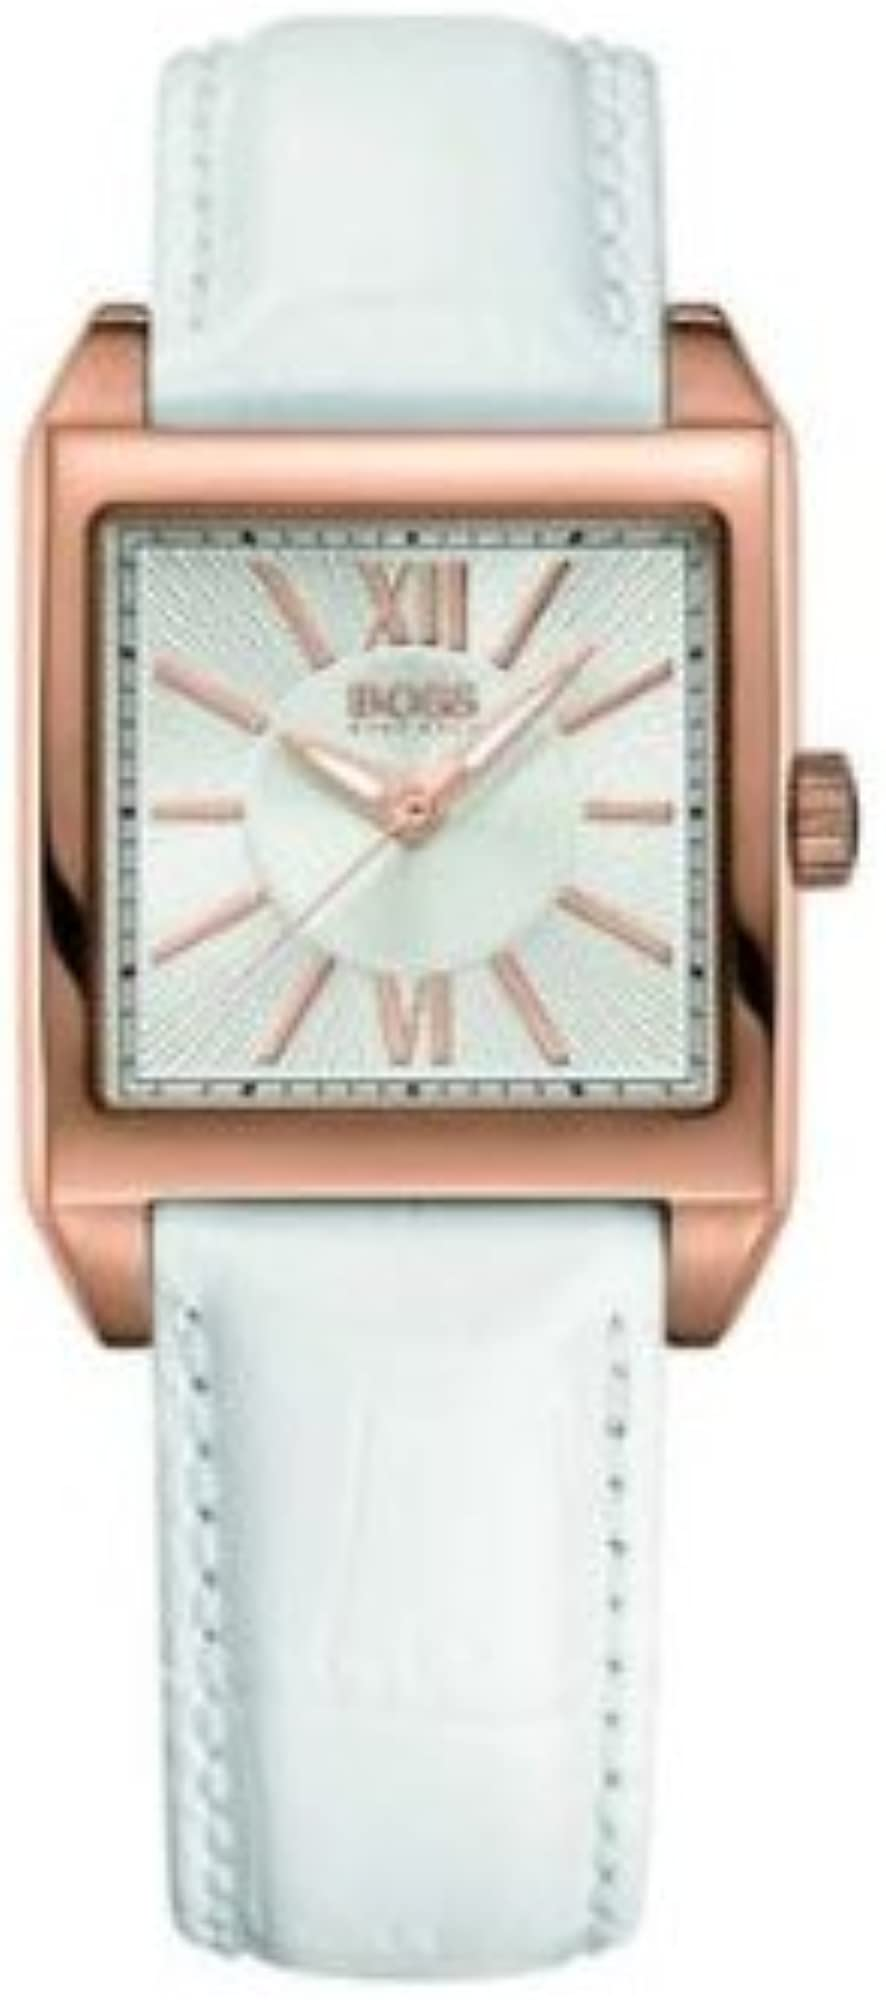 Hugo boss ,orologio per donna,cassa in acciaio inossidabile e cinturino in vera pelle 1502239